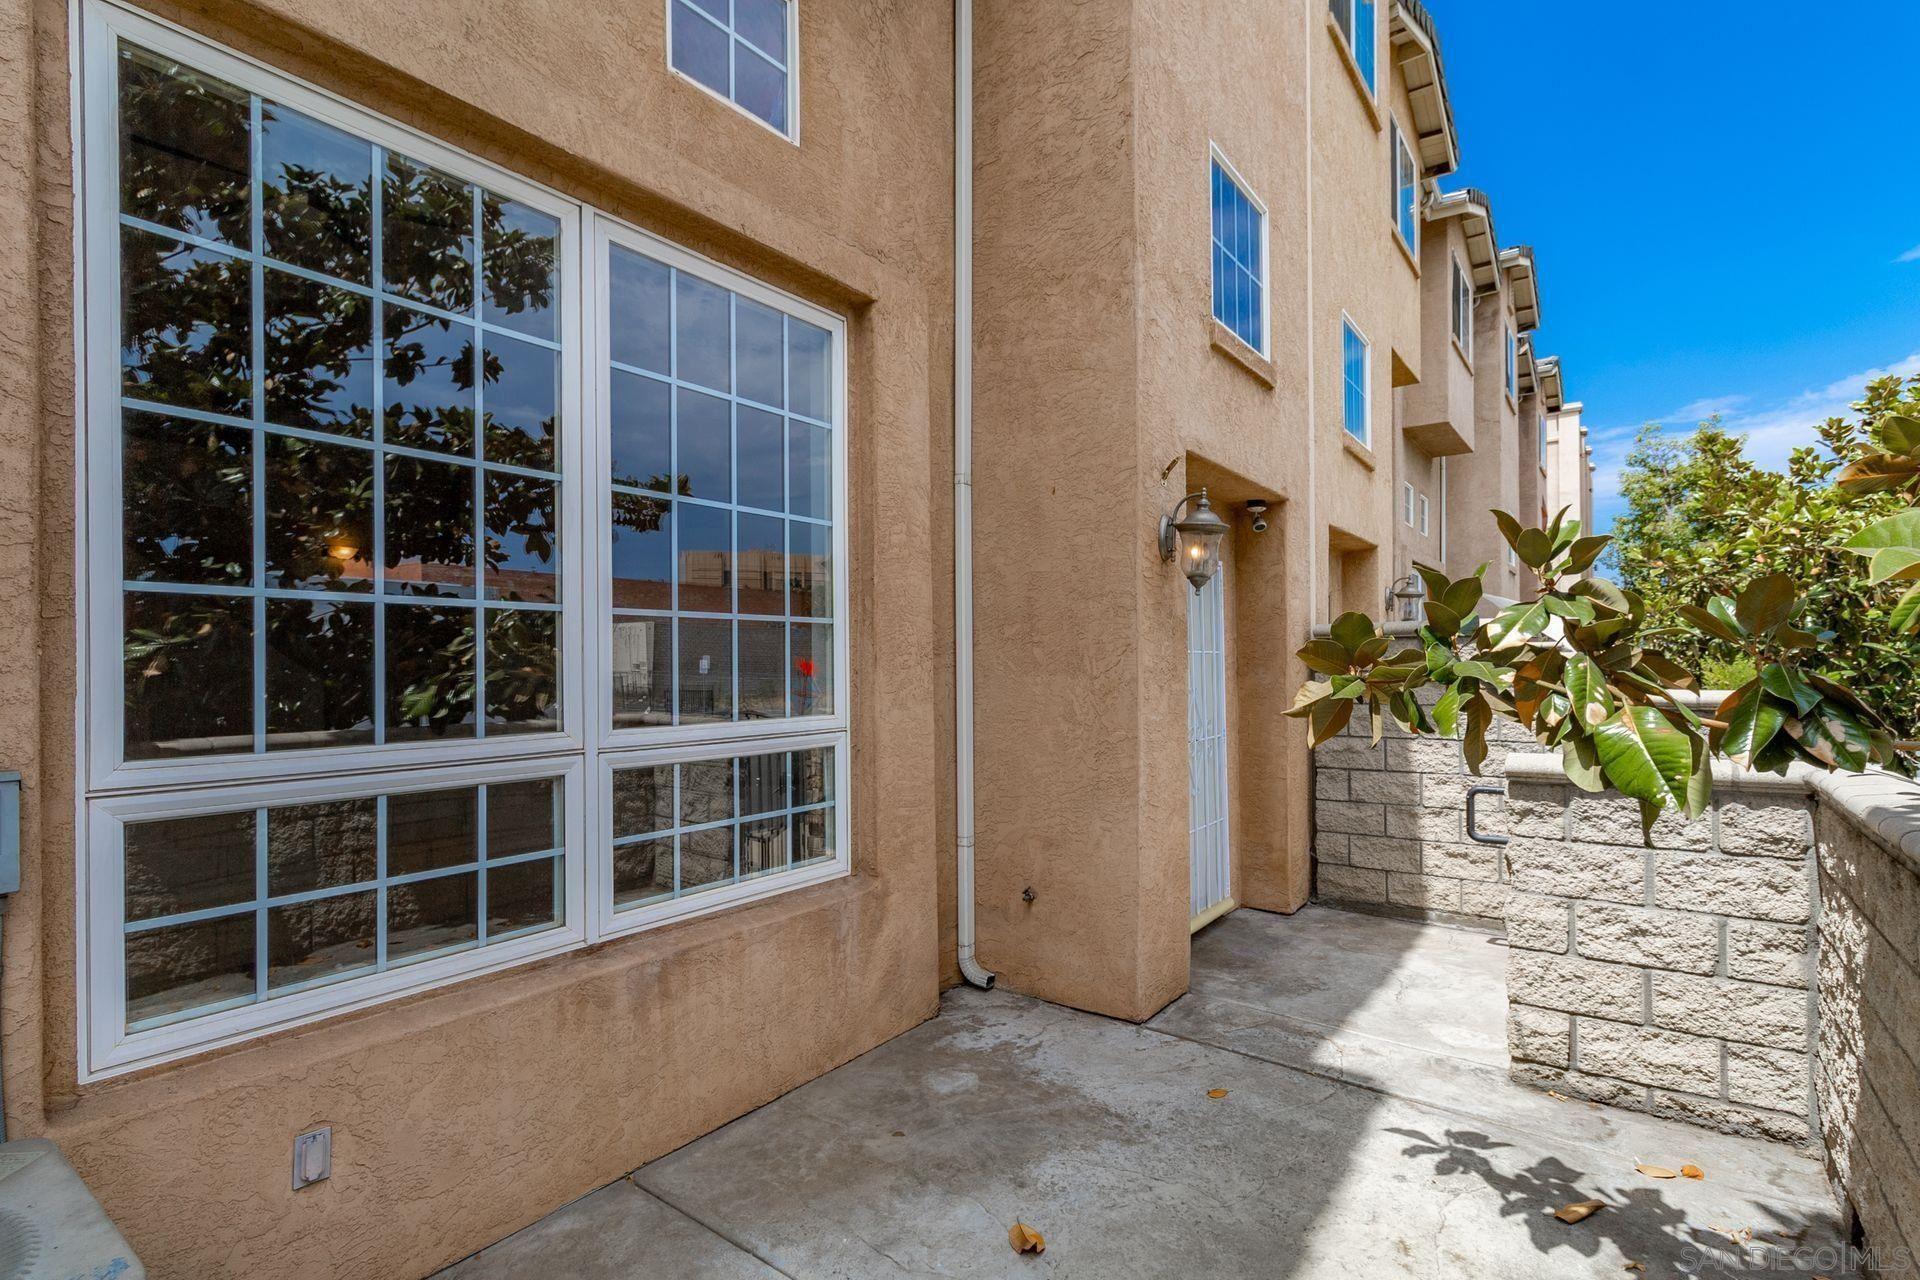 112 W Douglas Ave, El Cajon, CA 92020 - MLS#: 210024925